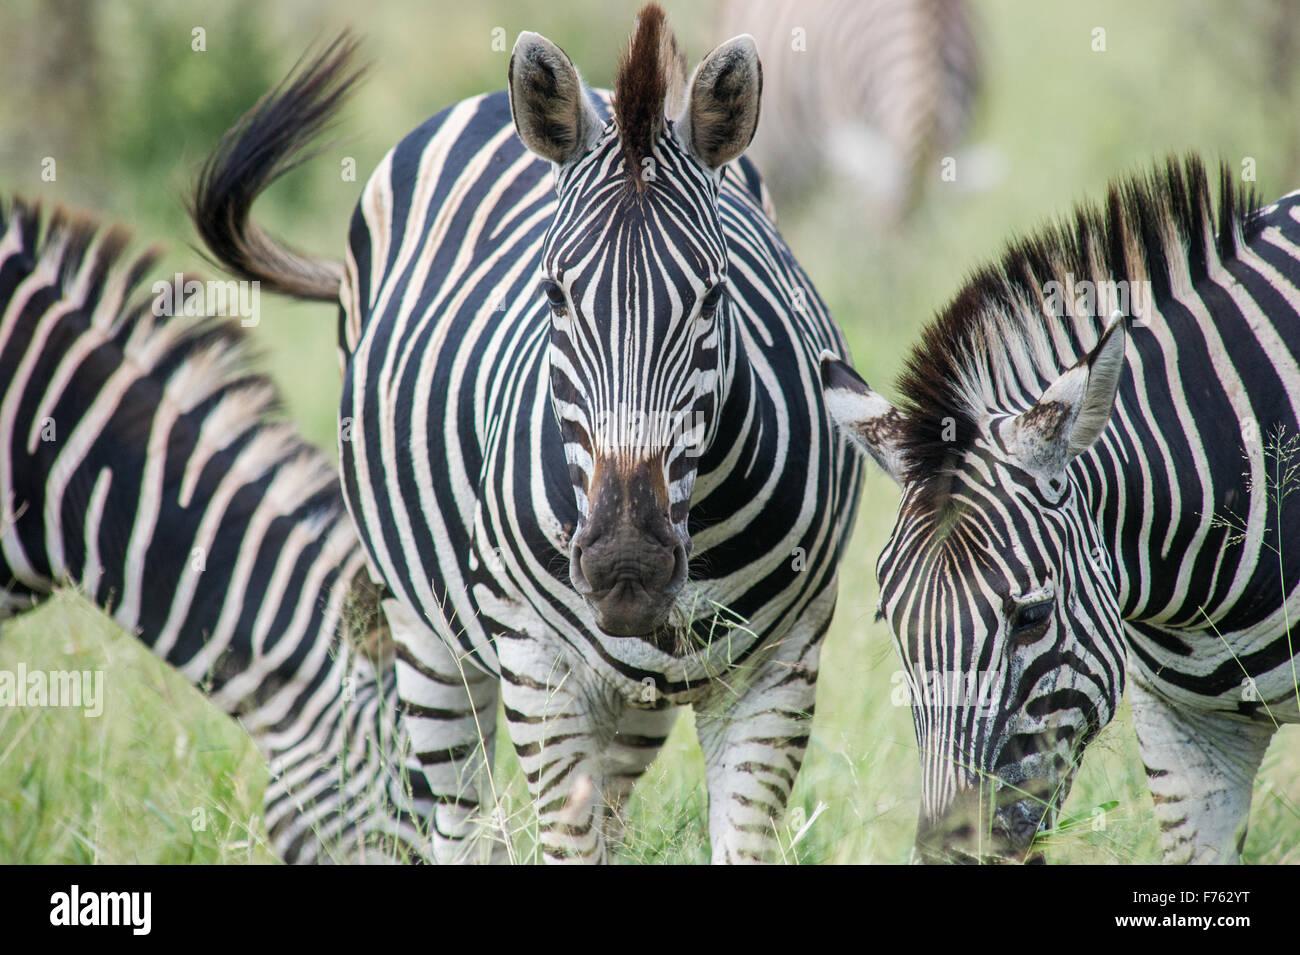 Afrique du Sud - Parc National Kruger zèbre (Equus burchelli) Photo Stock